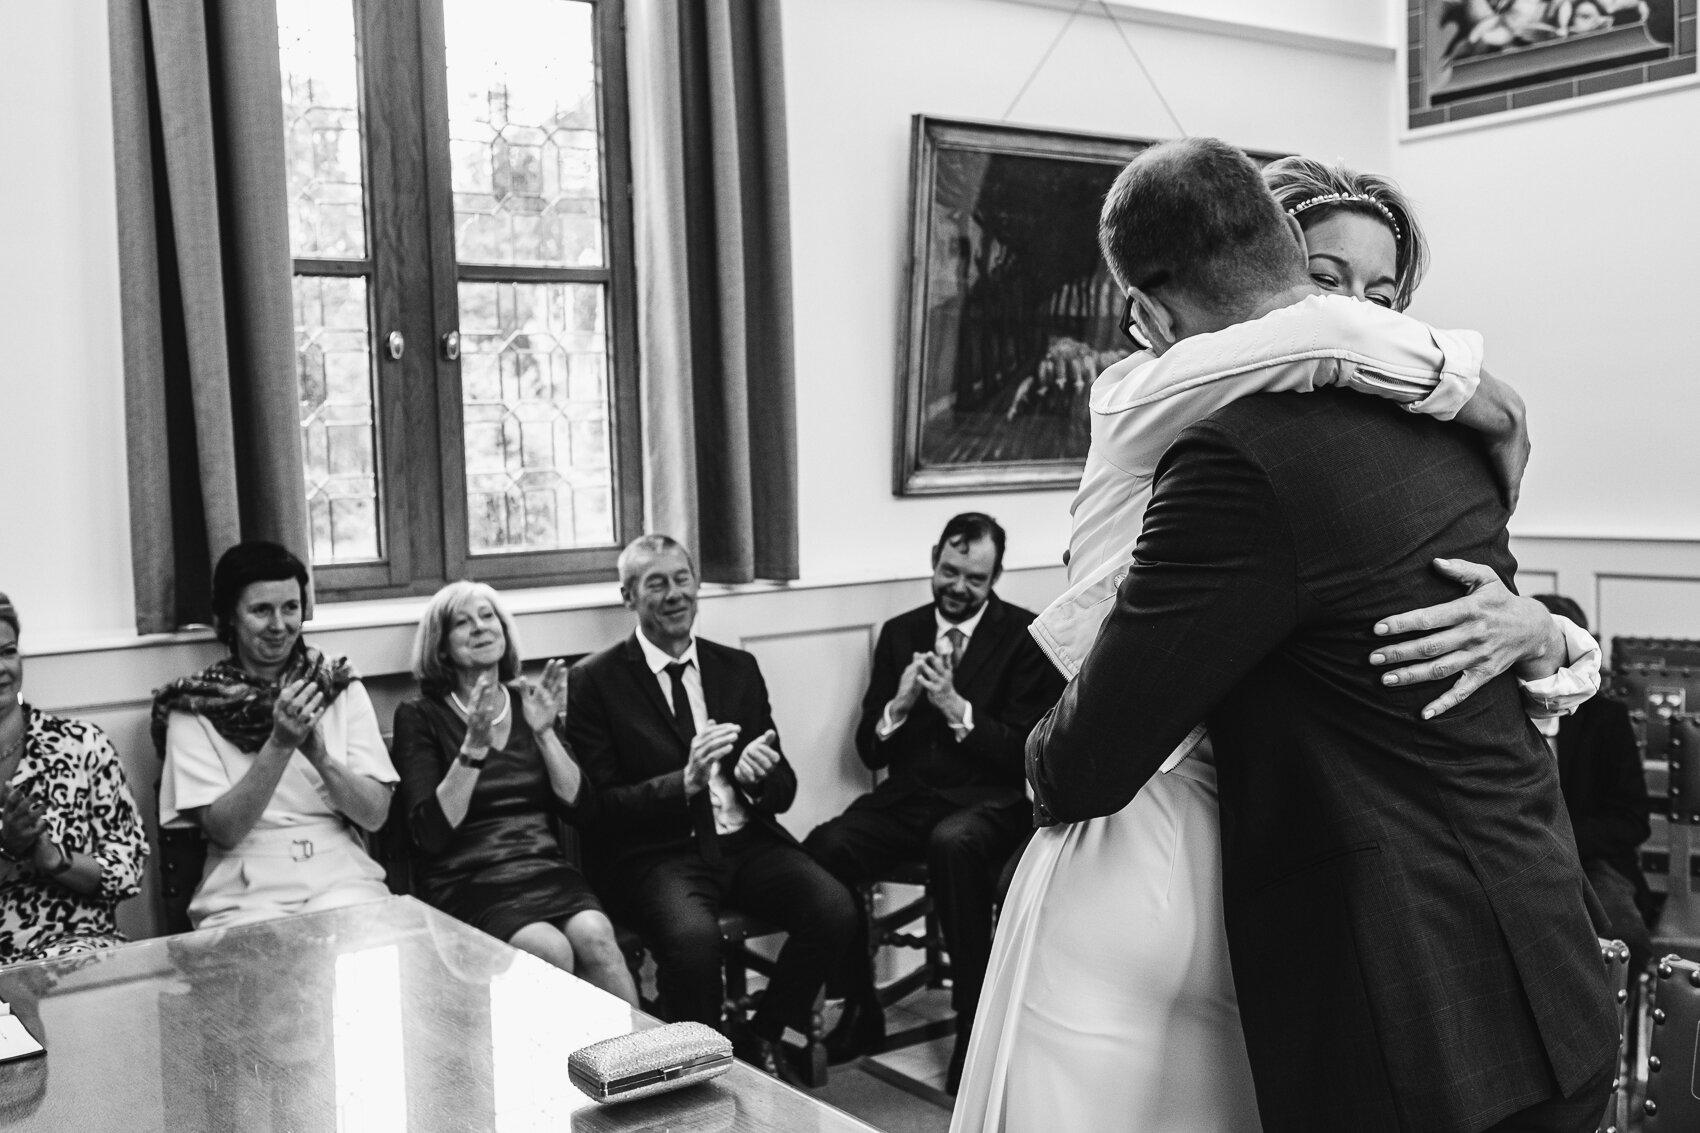 iso800 - huwelijksfotograaf goele kris den eyck kasterlee-3.jpg